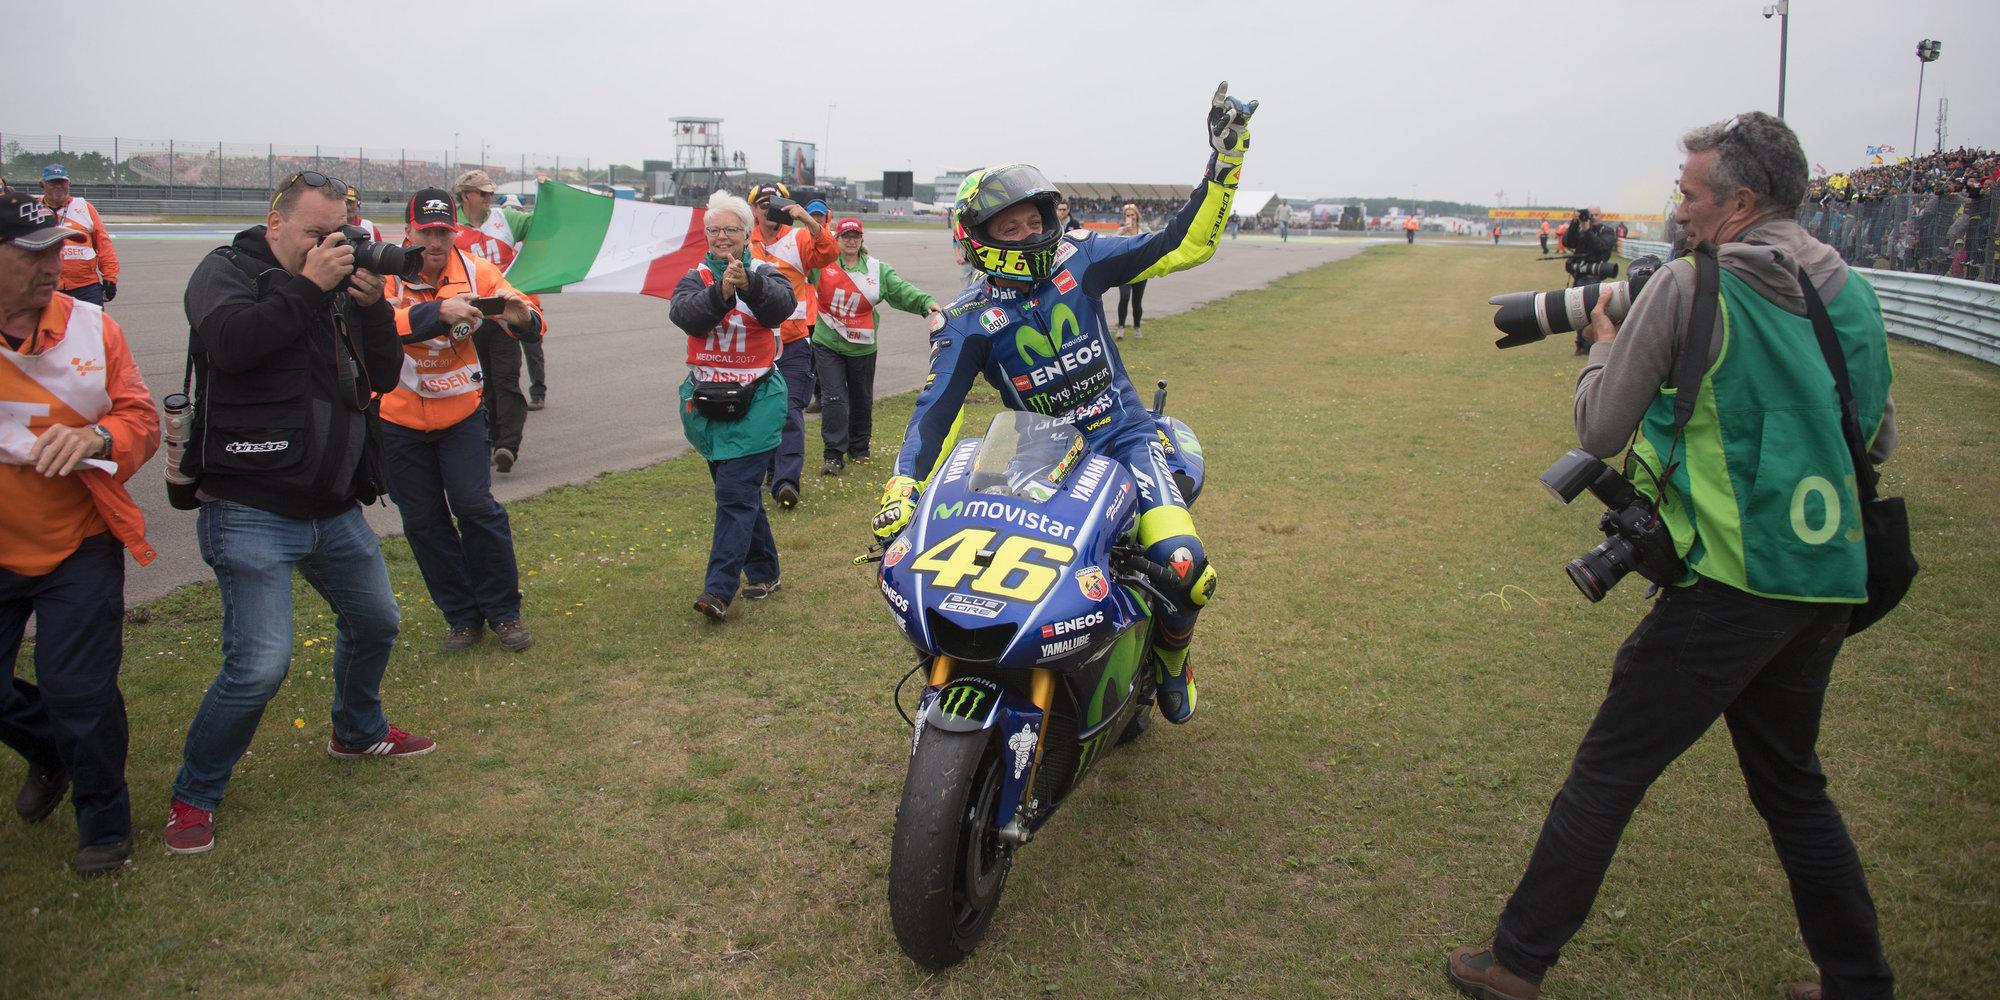 Валентино Росси: «Лучшим решением для меня будет остаться в MotoGP в 2021 году»